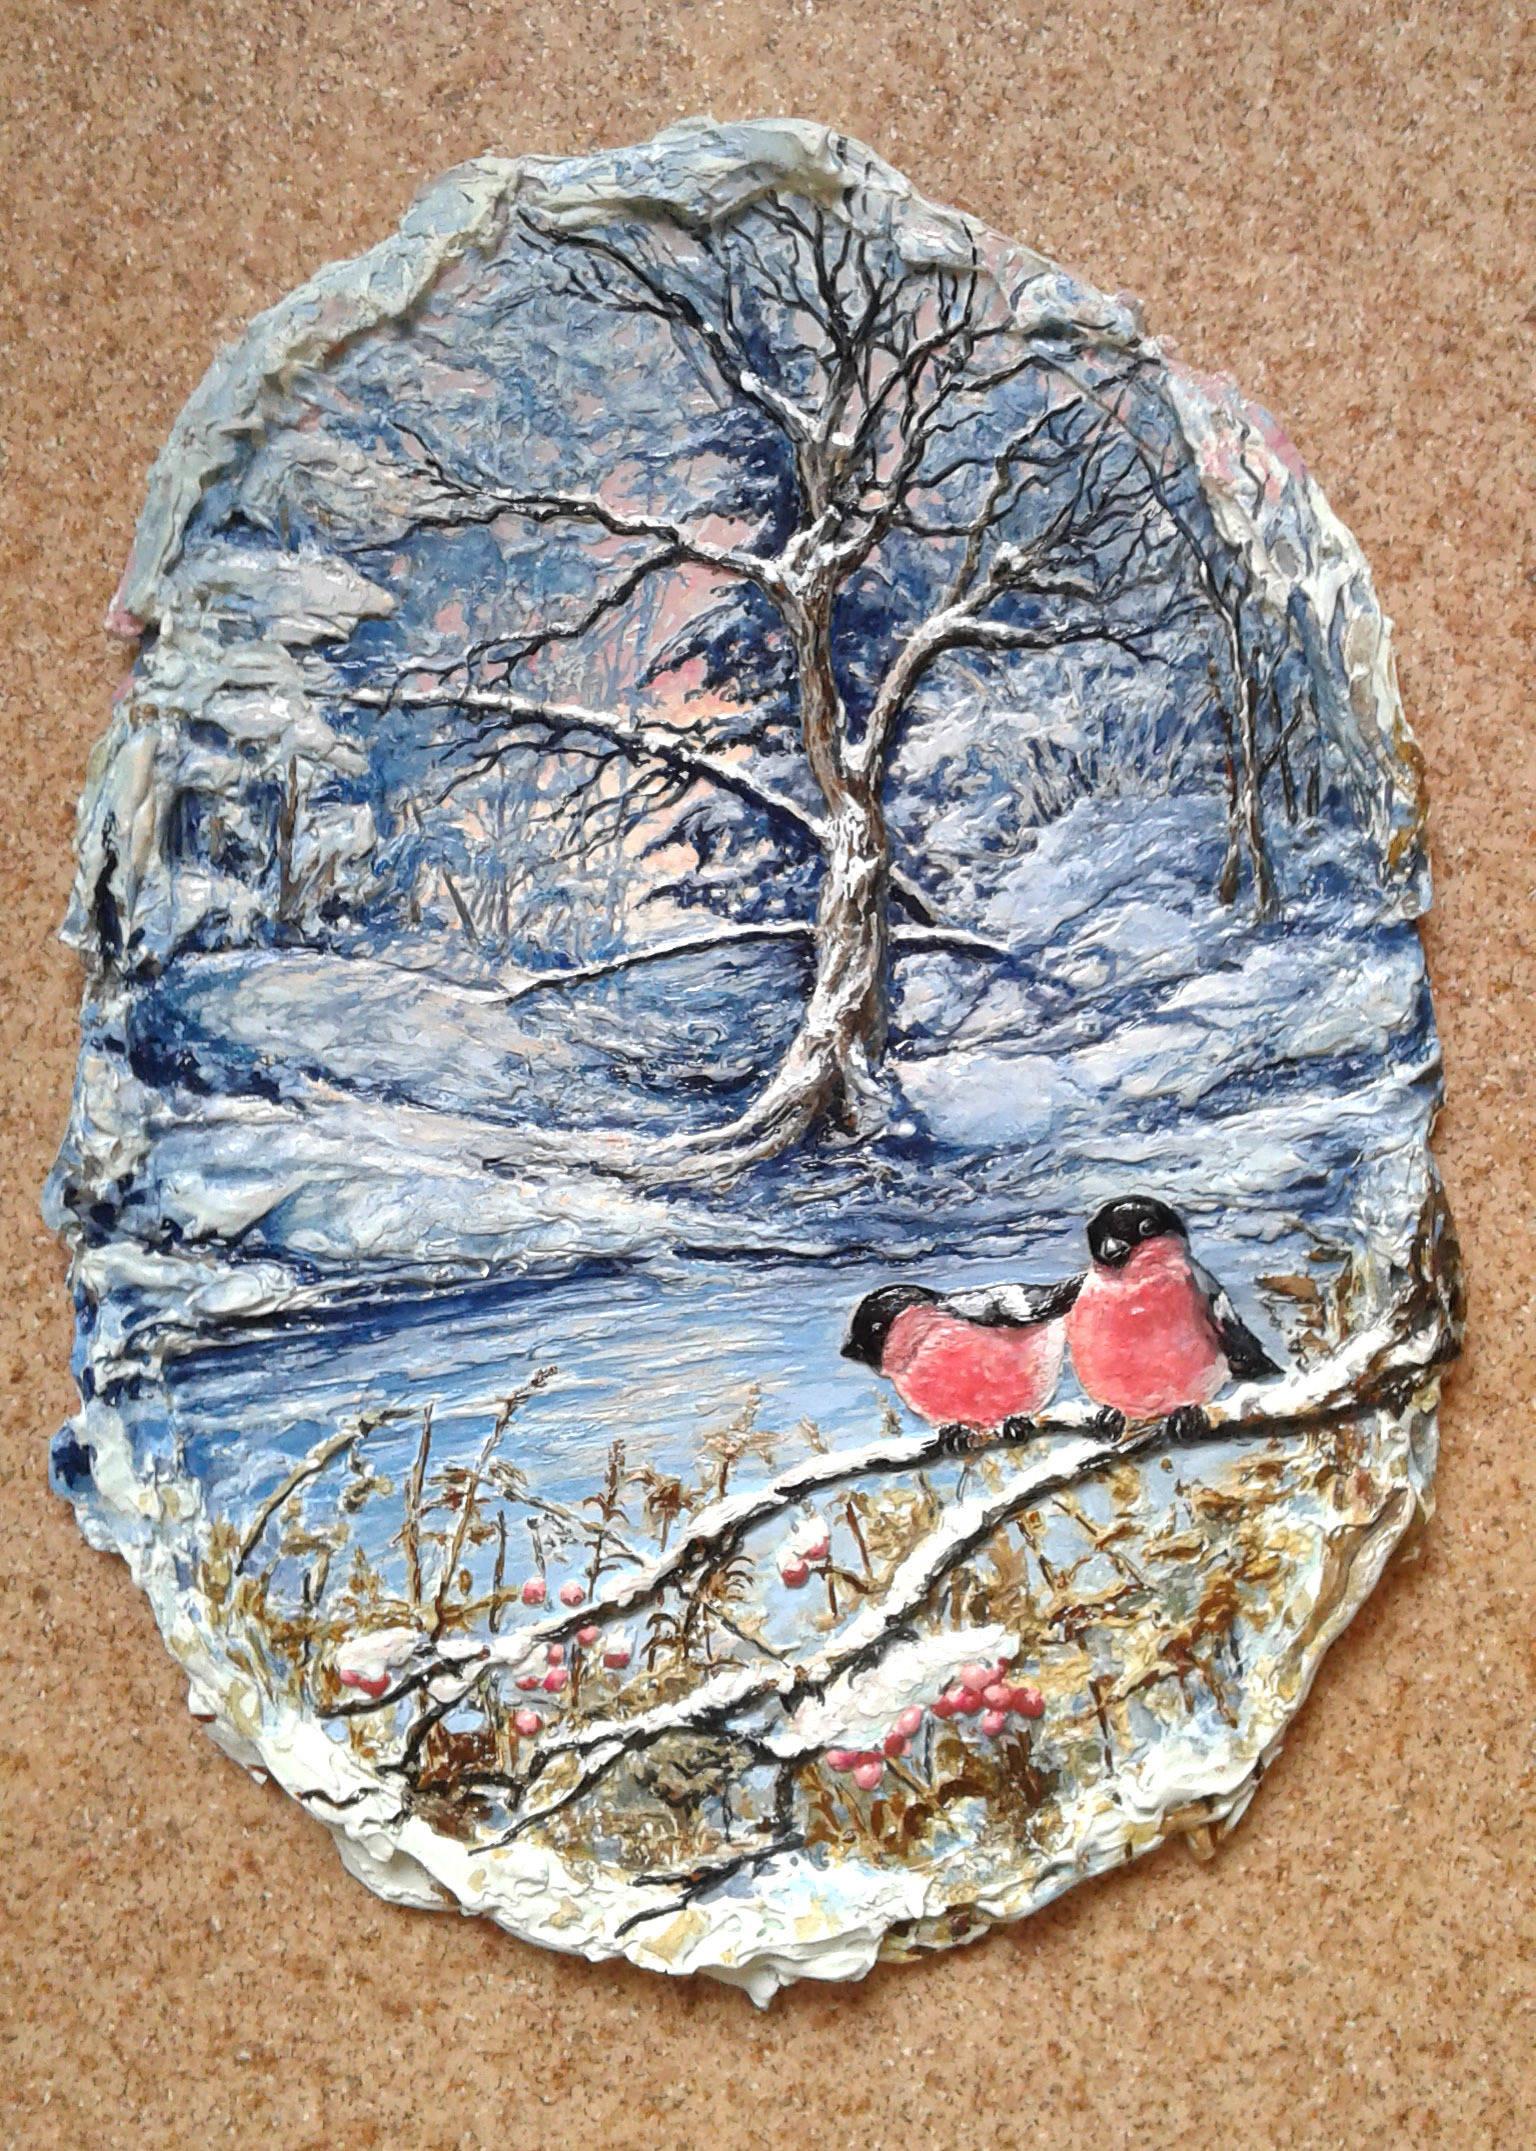 Снегири, цвет. 38х50 см. Масло.